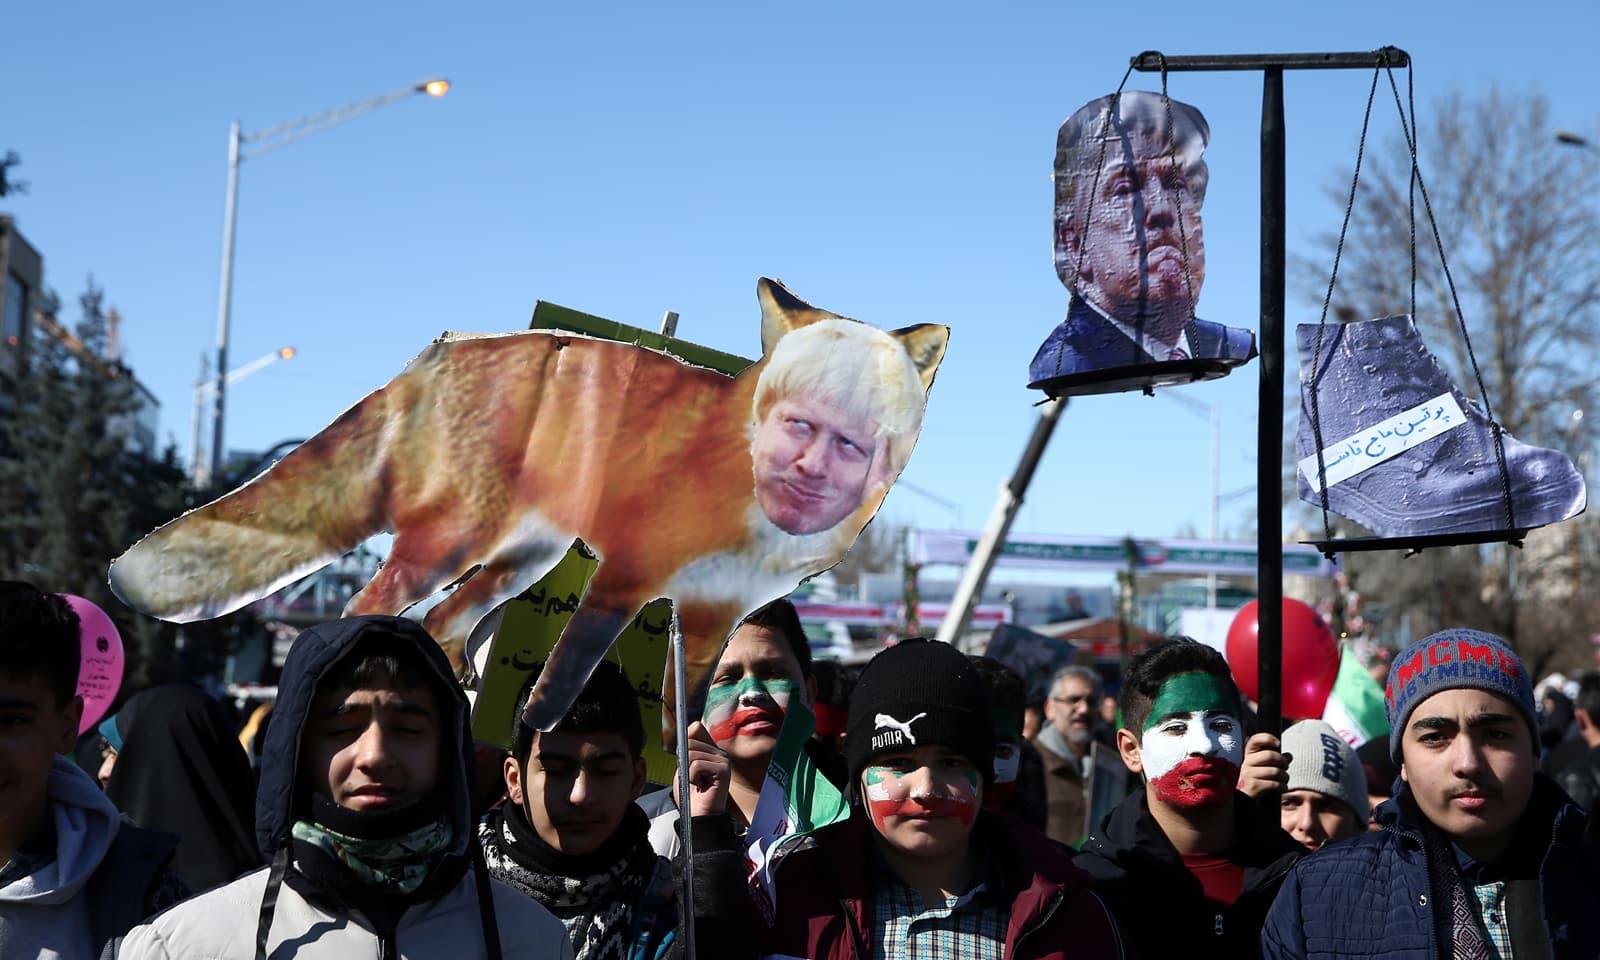 انقلاب سے ایران میں محمد رضا شاہ پہلوی کی بادشاہت کا اختتام ہوا تھا—فوٹو: رائٹرز